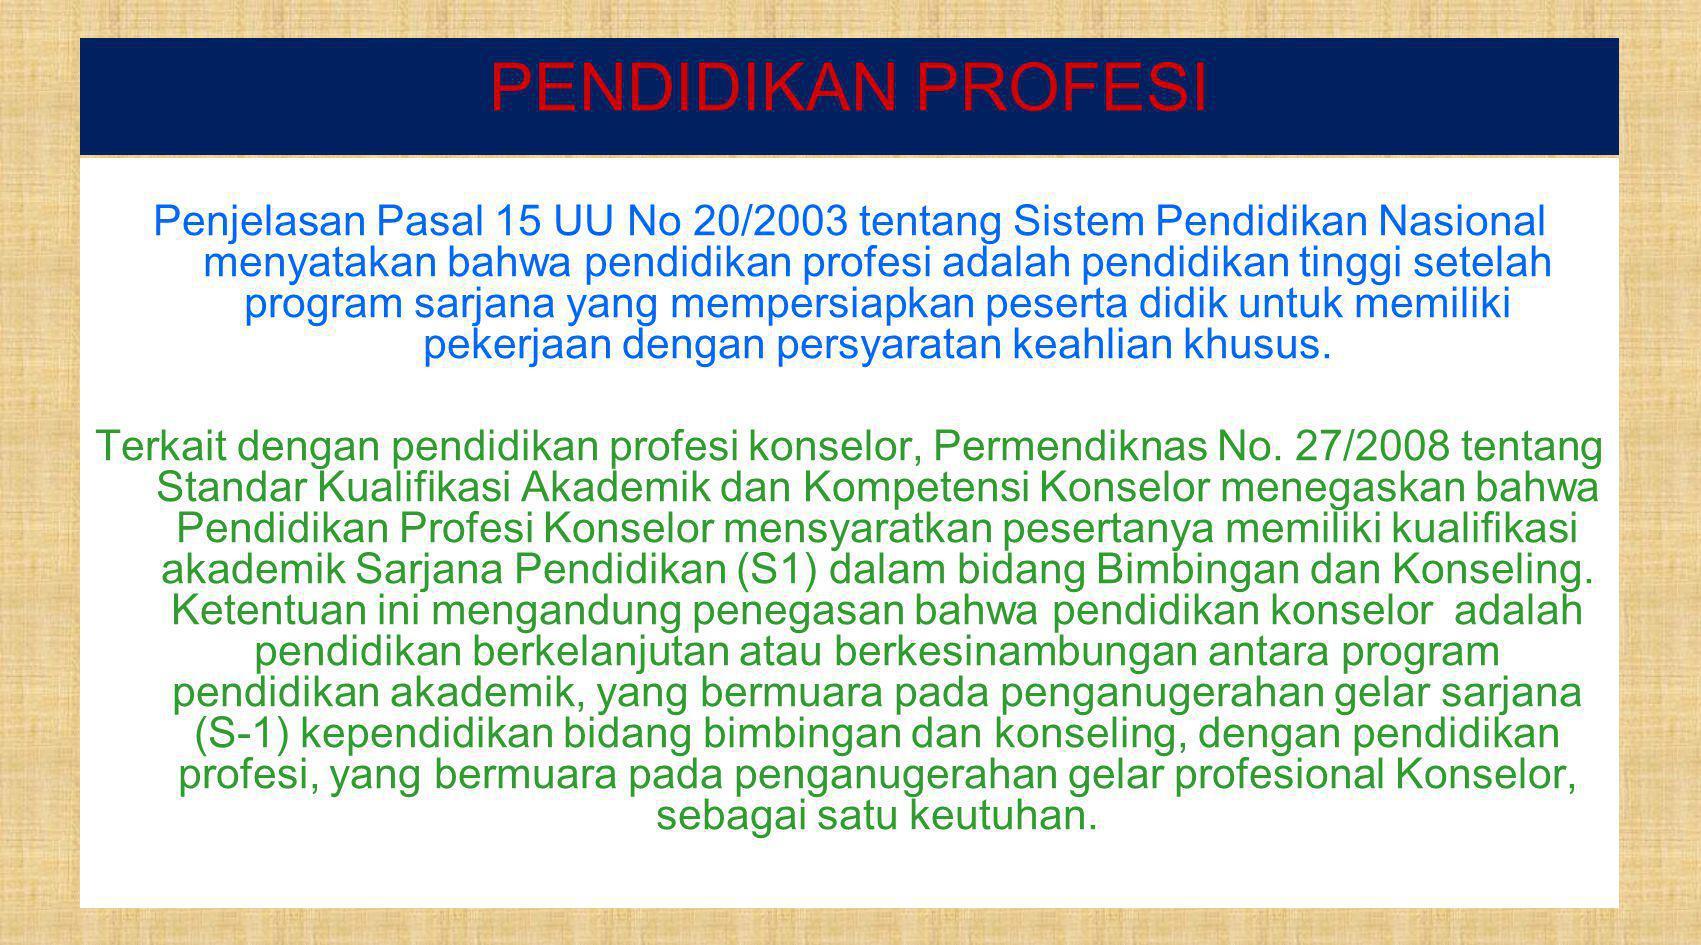 PENDIDIKAN PROFESI Penjelasan Pasal 15 UU No 20/2003 tentang Sistem Pendidikan Nasional menyatakan bahwa pendidikan profesi adalah pendidikan tinggi setelah program sarjana yang mempersiapkan peserta didik untuk memiliki pekerjaan dengan persyaratan keahlian khusus.